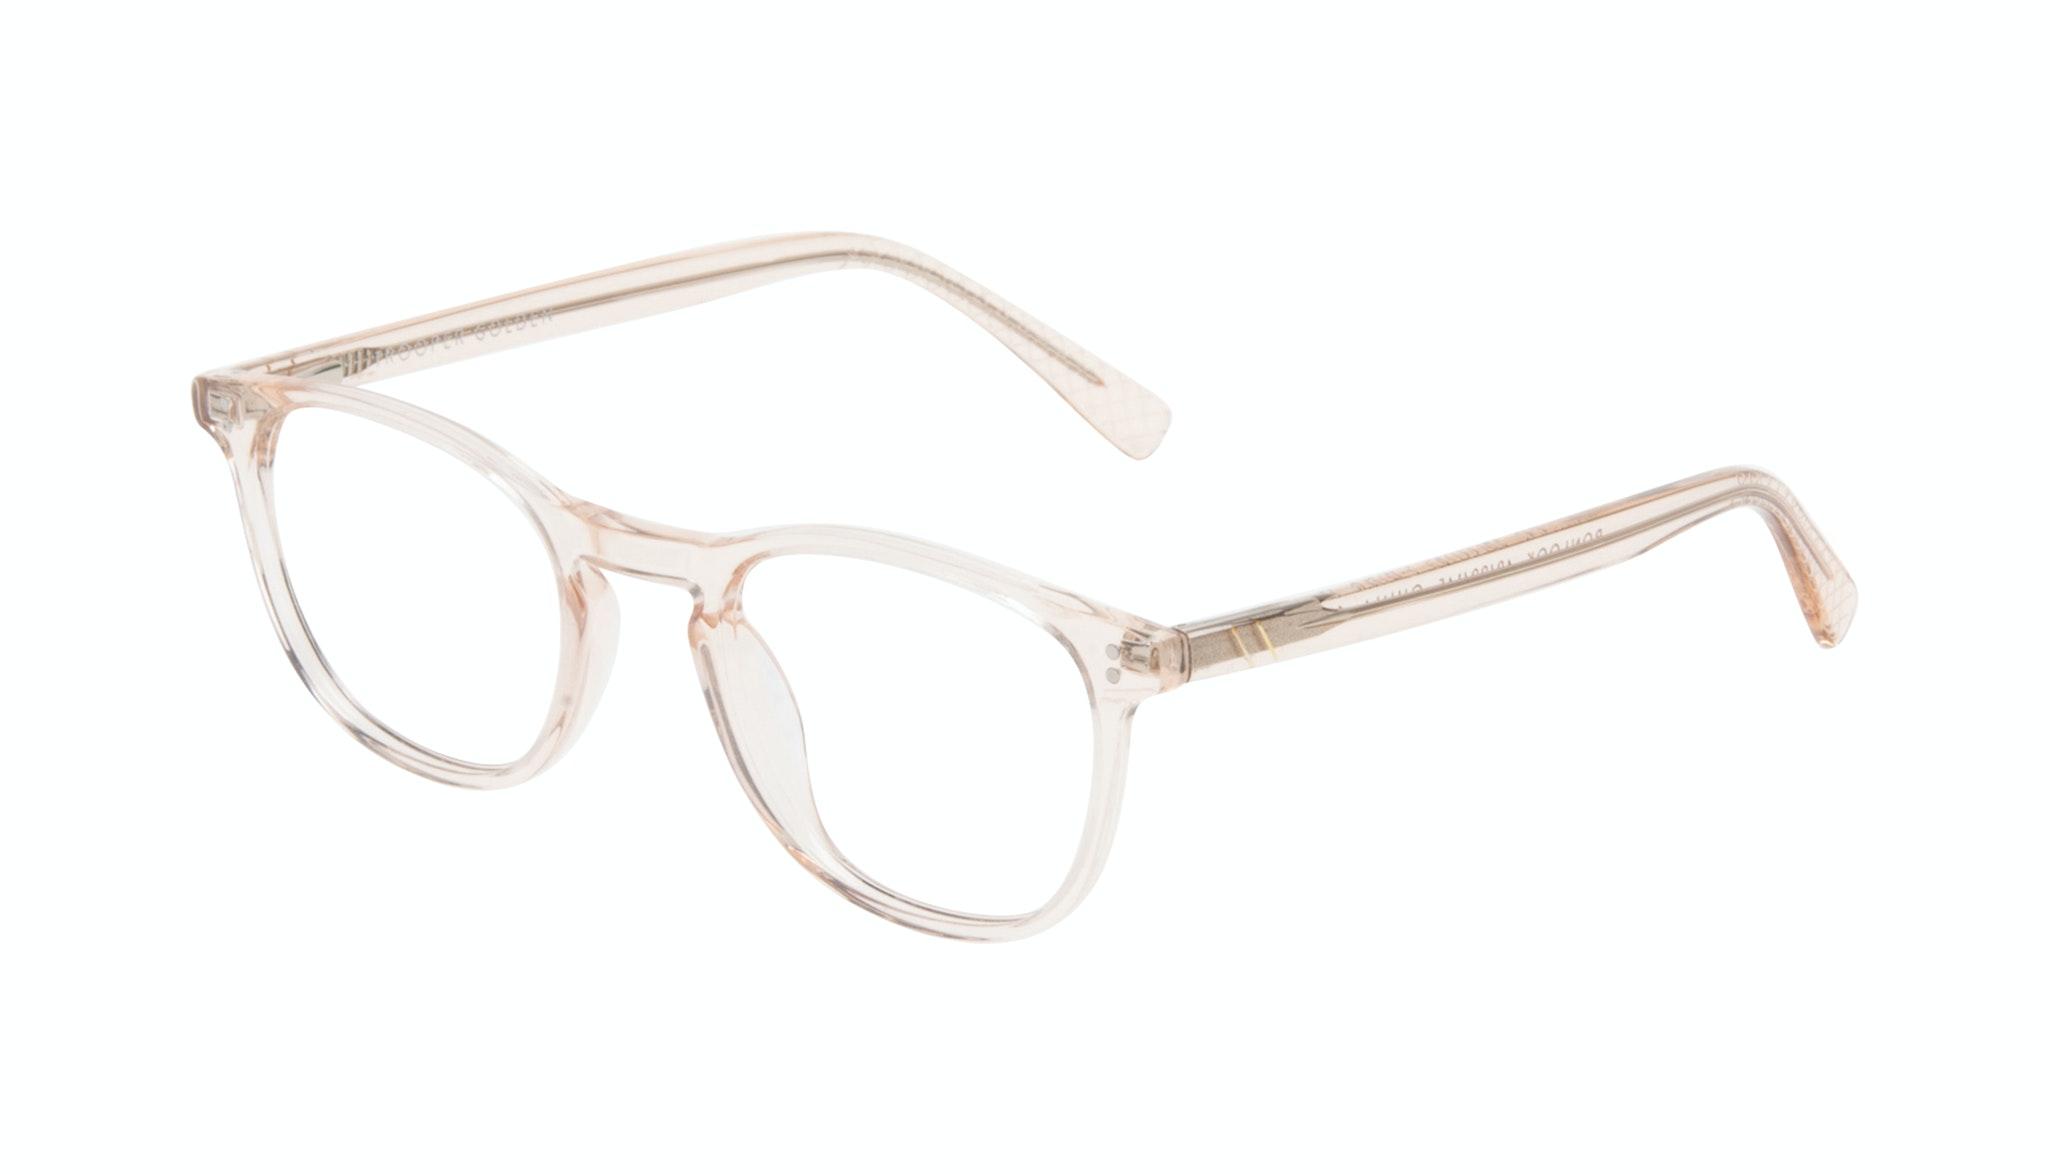 Affordable Fashion Glasses Round Eyeglasses Men Trooper Golden Tilt